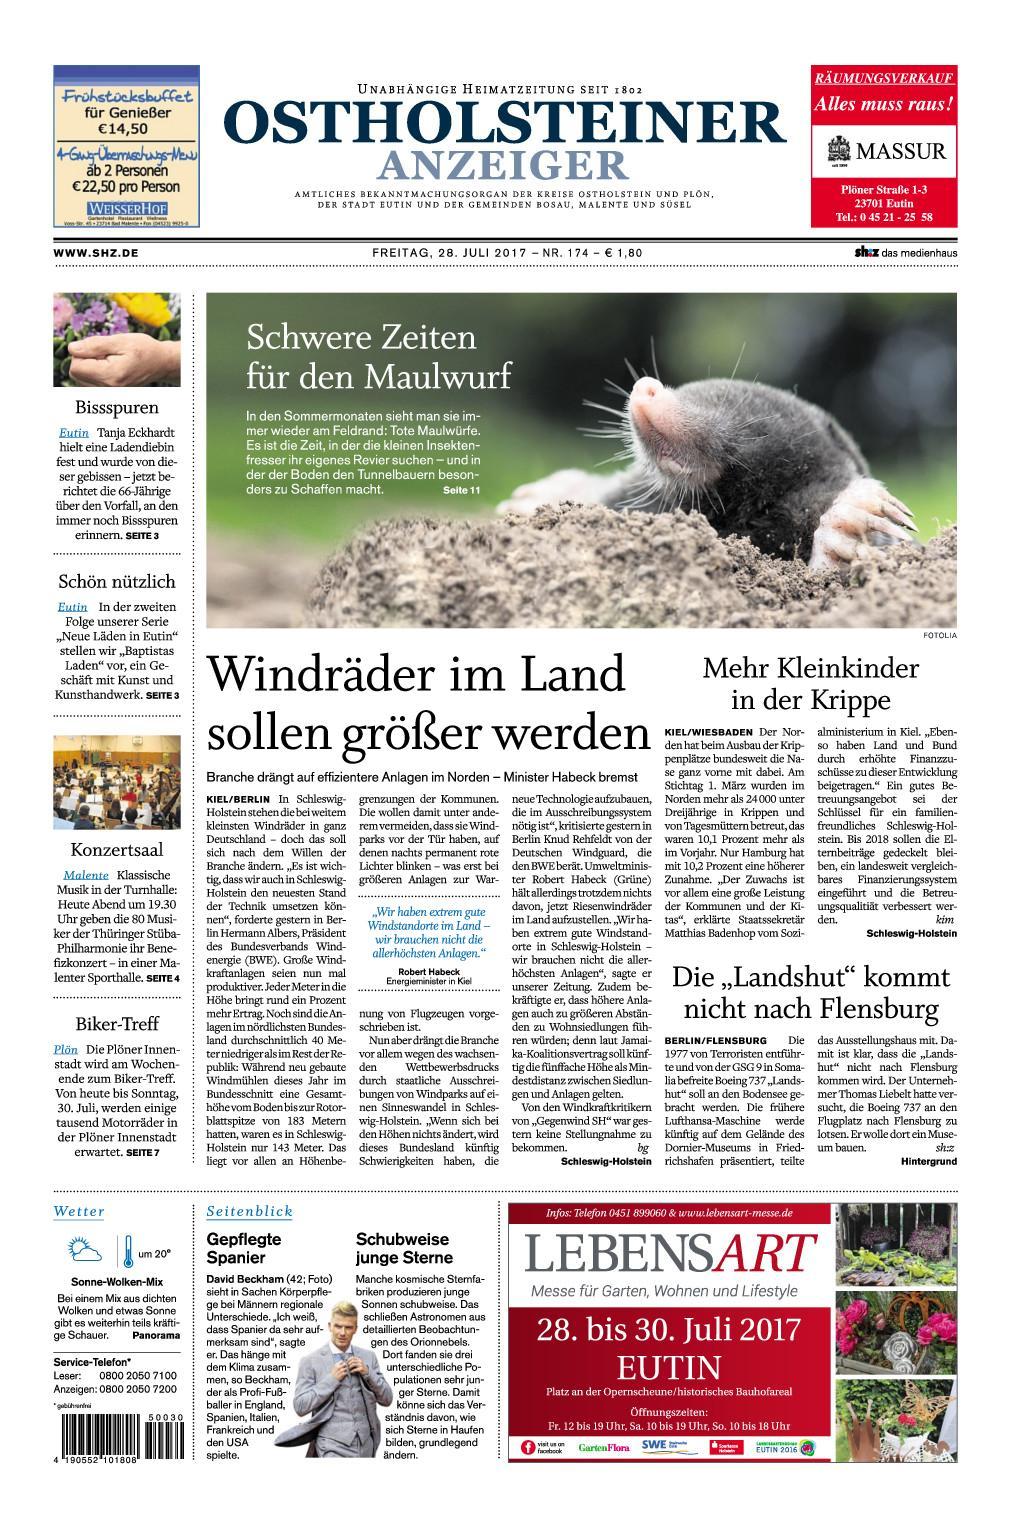 Ostholsteiner Anzeiger 28 Juli 2017